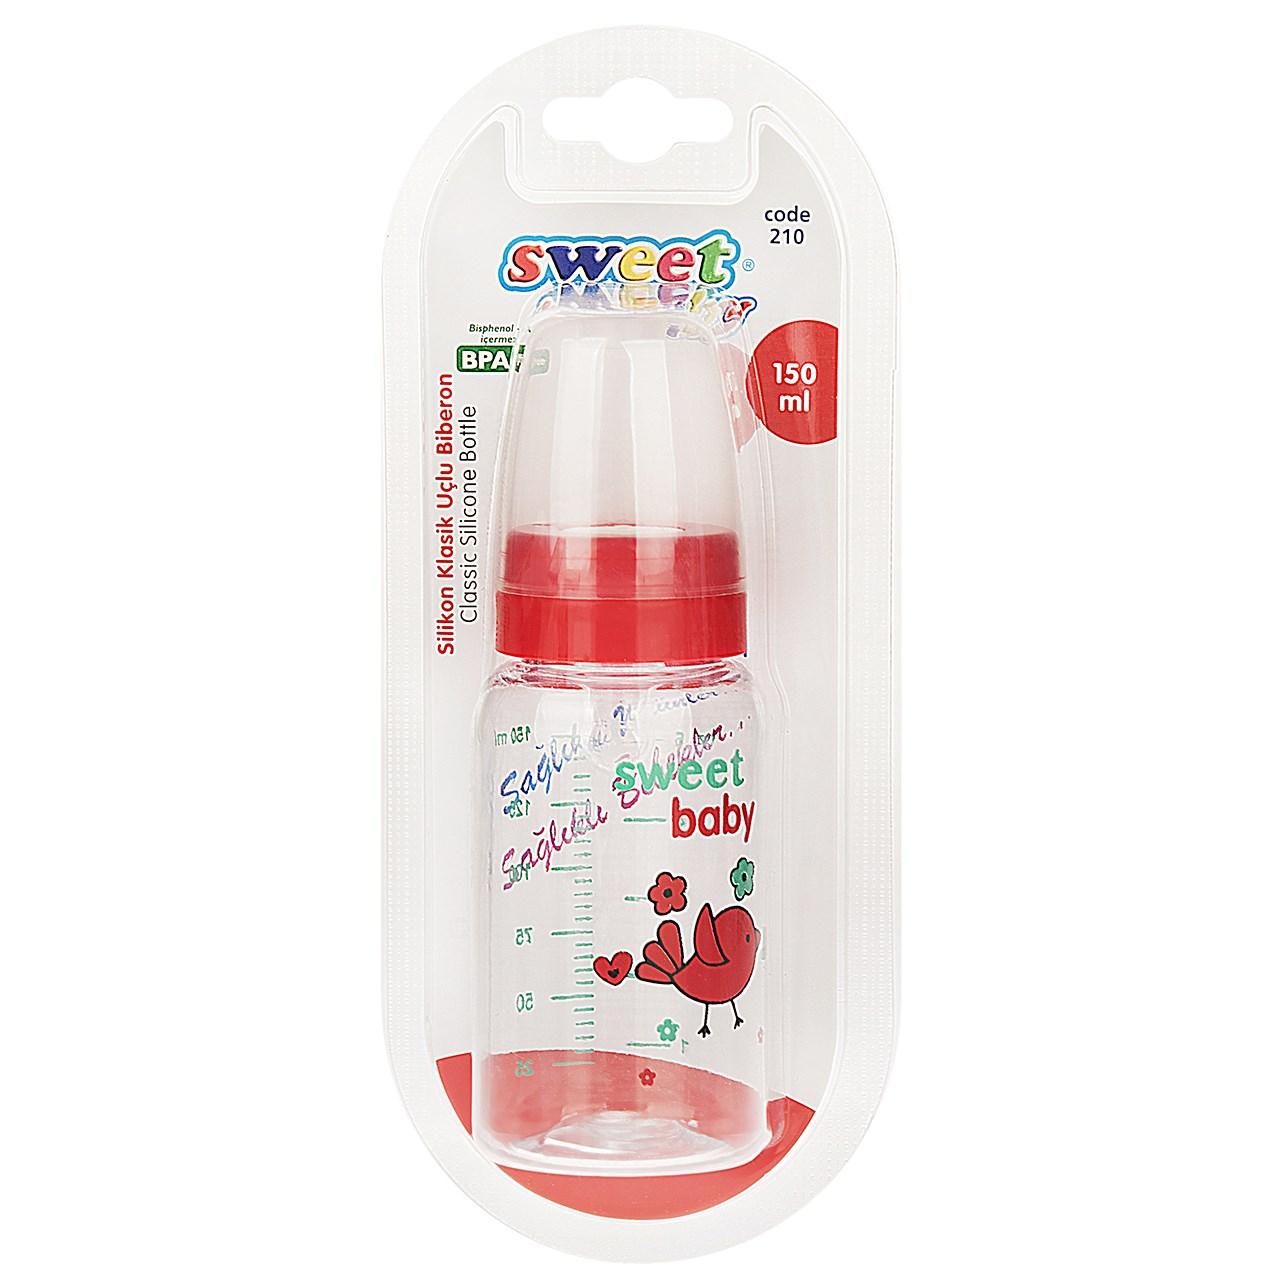 شیشه شیر سوییت بیبی مدل 210Bird ظرفیت 150 میلی لیتر